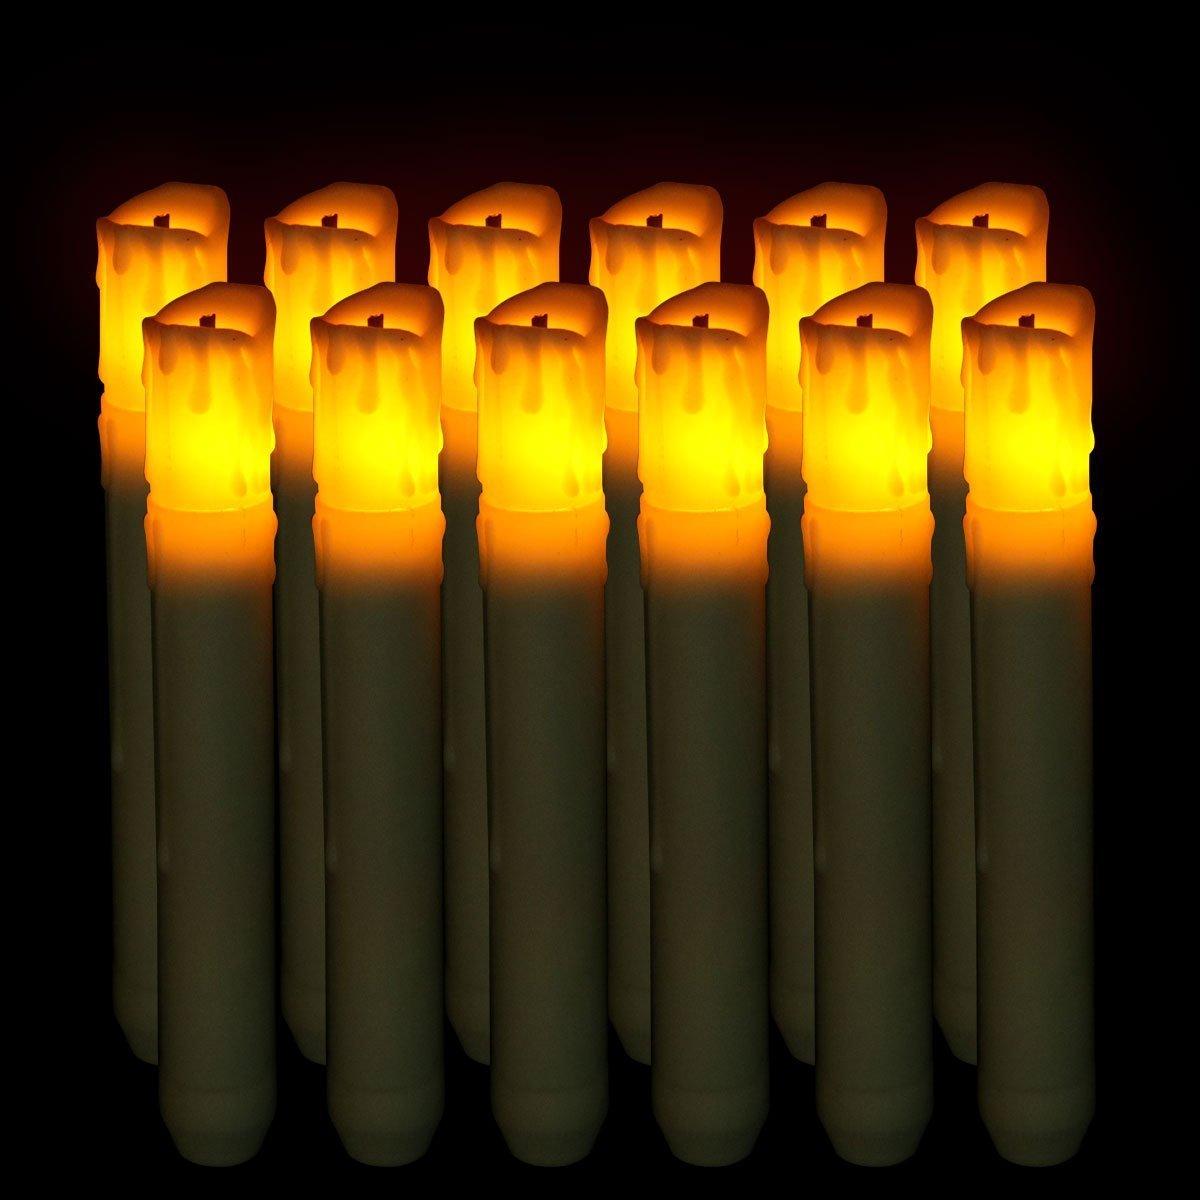 Driplessテーパキャンドル6pcs LEDバッテリ電源黄色ちらつき(電池含まず)ホテル、家庭装飾、教会、寺院、クリスマス、ハロウィン、 ホワイト CDL5029-L_xld B077D25RM8 12098  12pcs Yellow Flicker Fiber Head